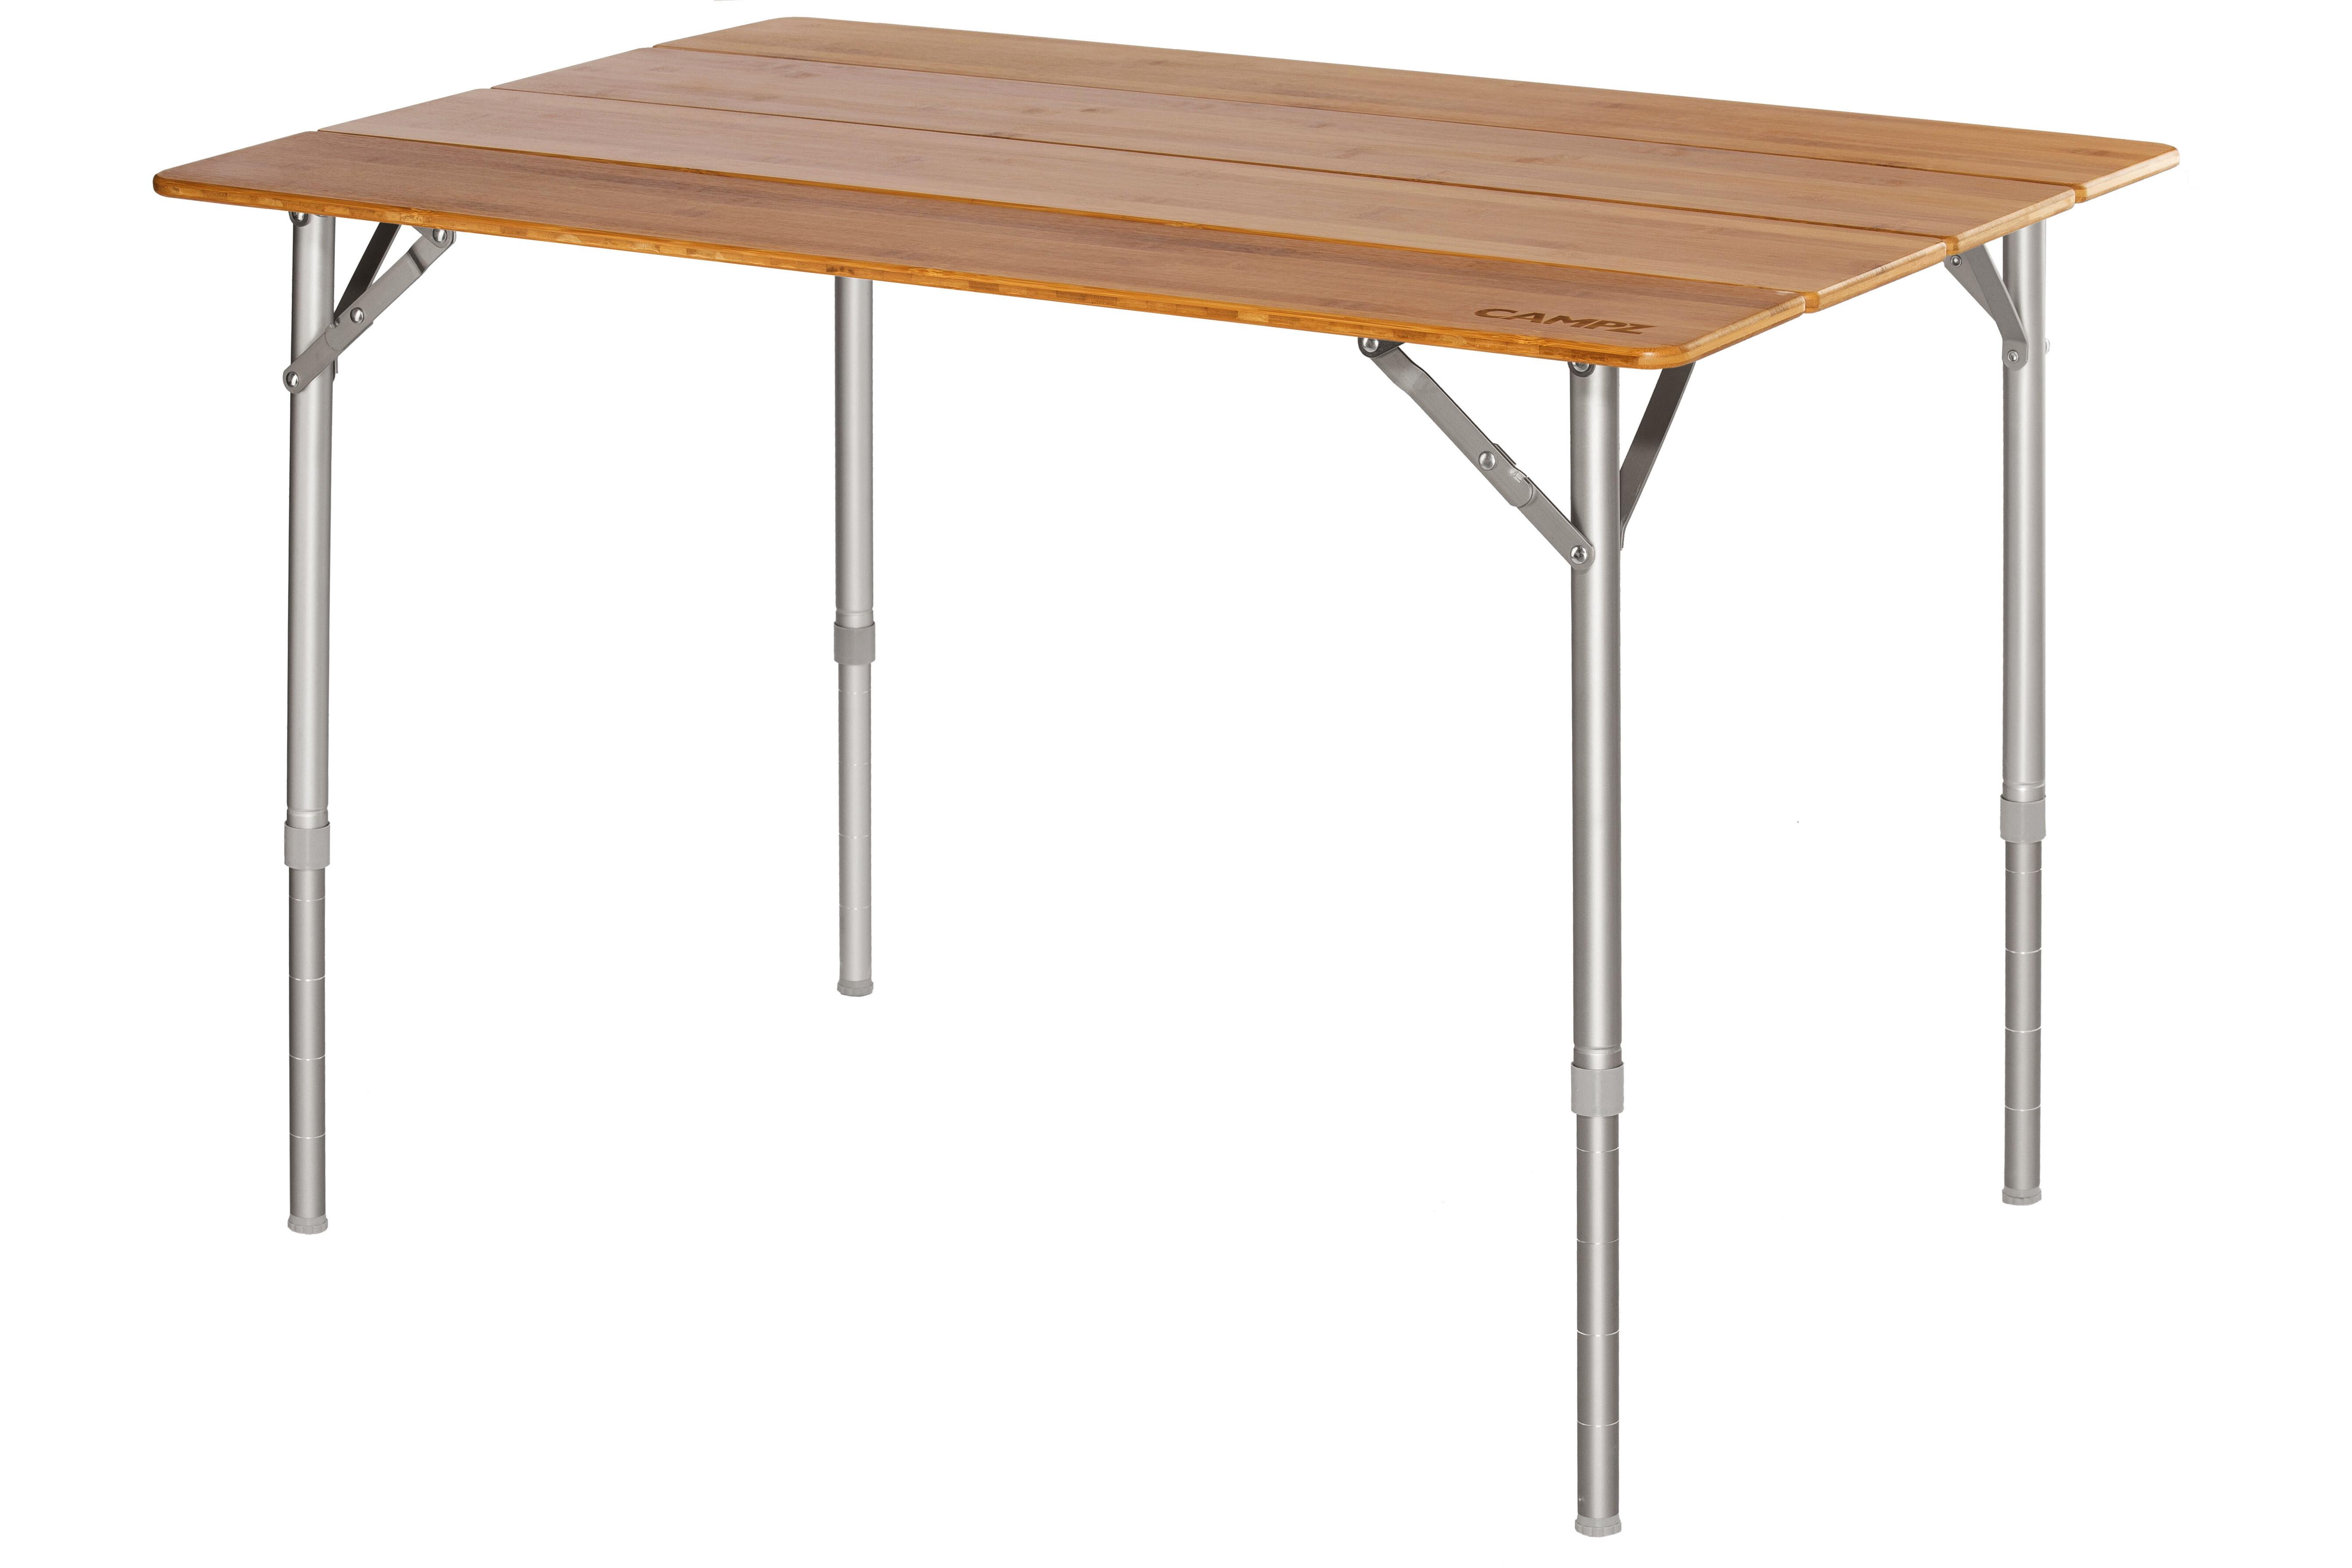 Klaptafel 100 X 100.Campz Bamboo Folding Table 100x65x65cm Brown L Online Outdoor Shop